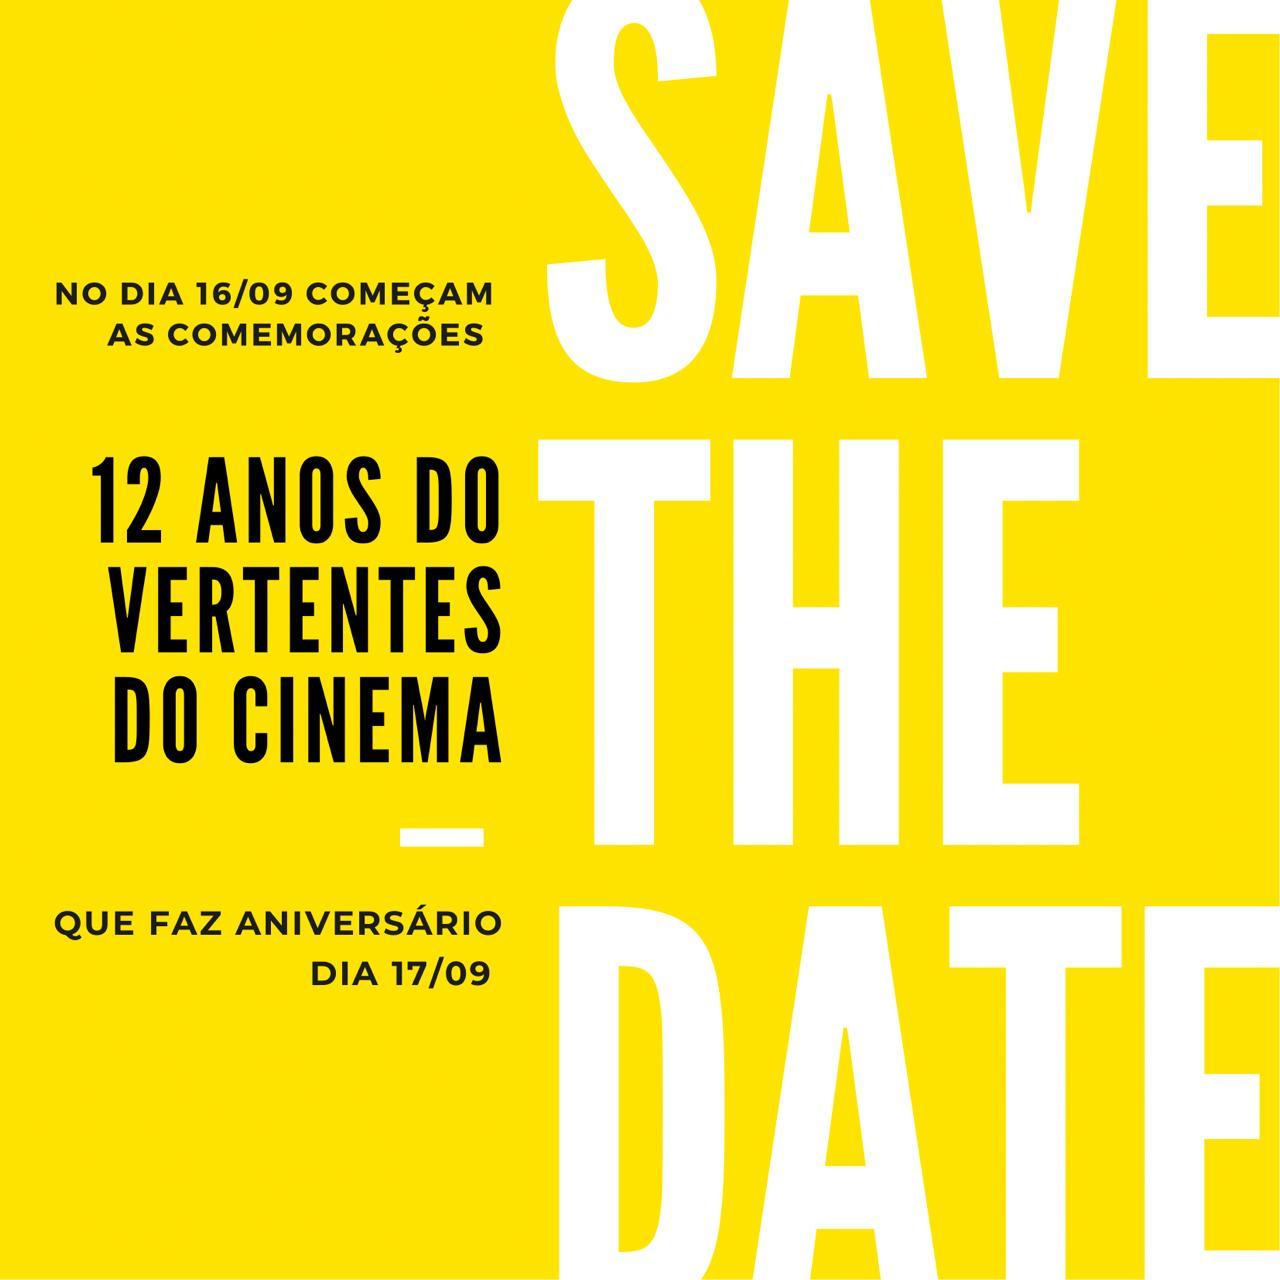 12 anos do Vertentes do Cinema